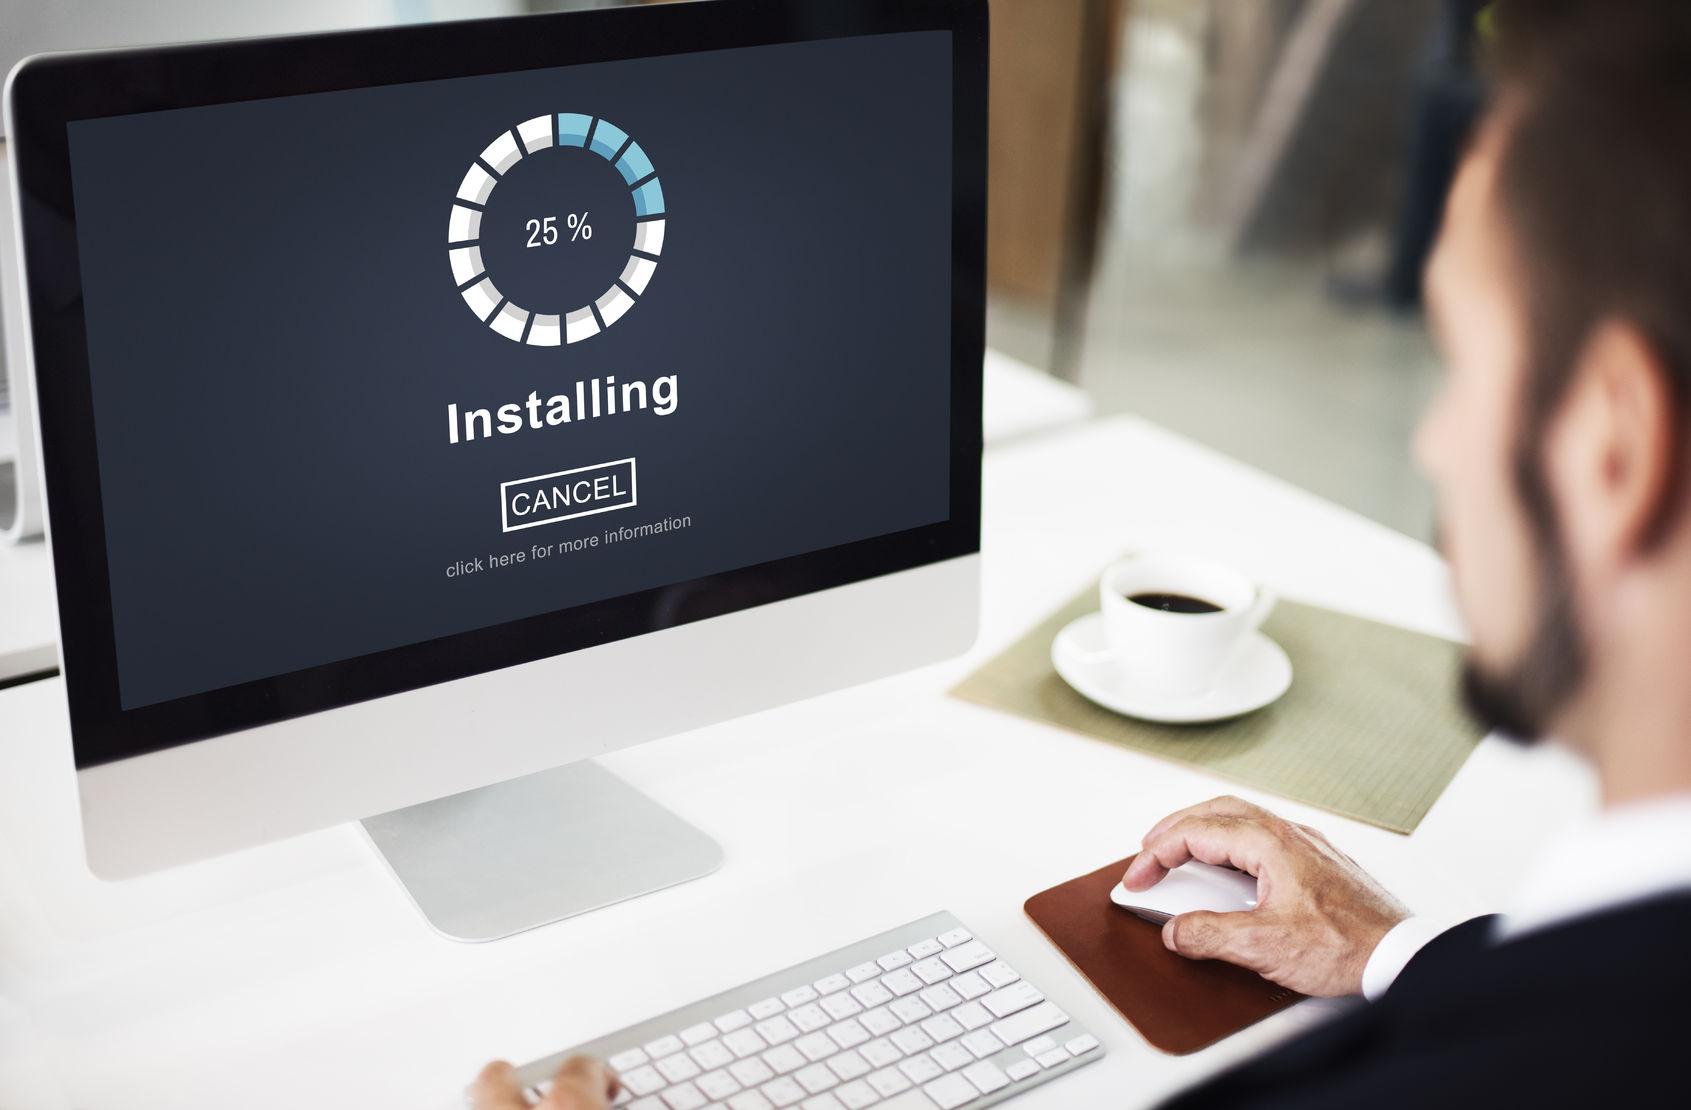 آموزش نصب درایورهای لپتاپ به روشی ساده